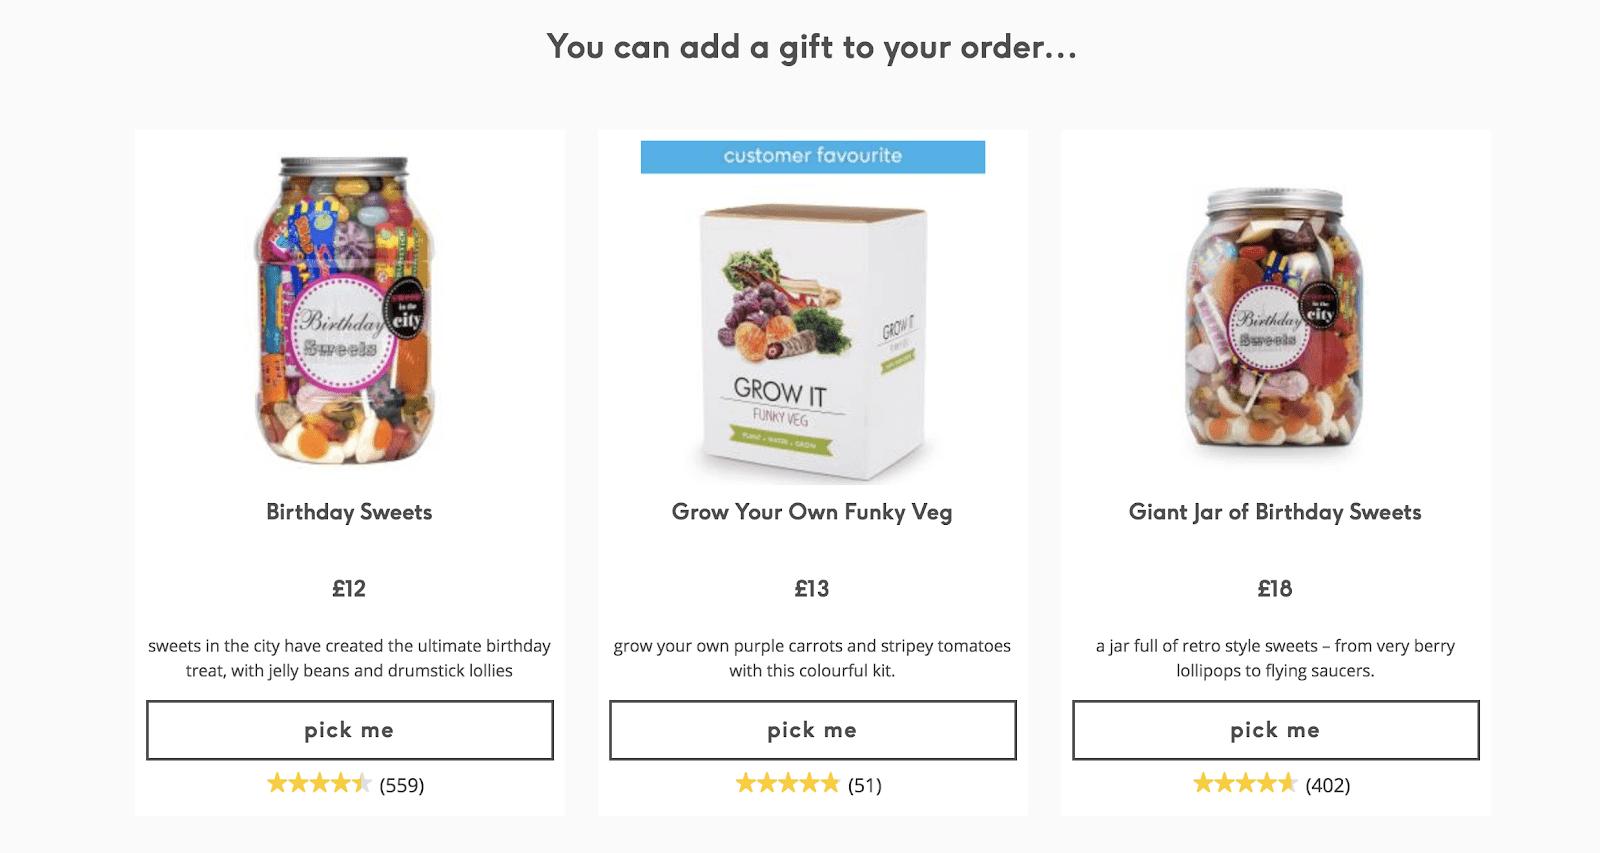 Screenshot showing a gift offer